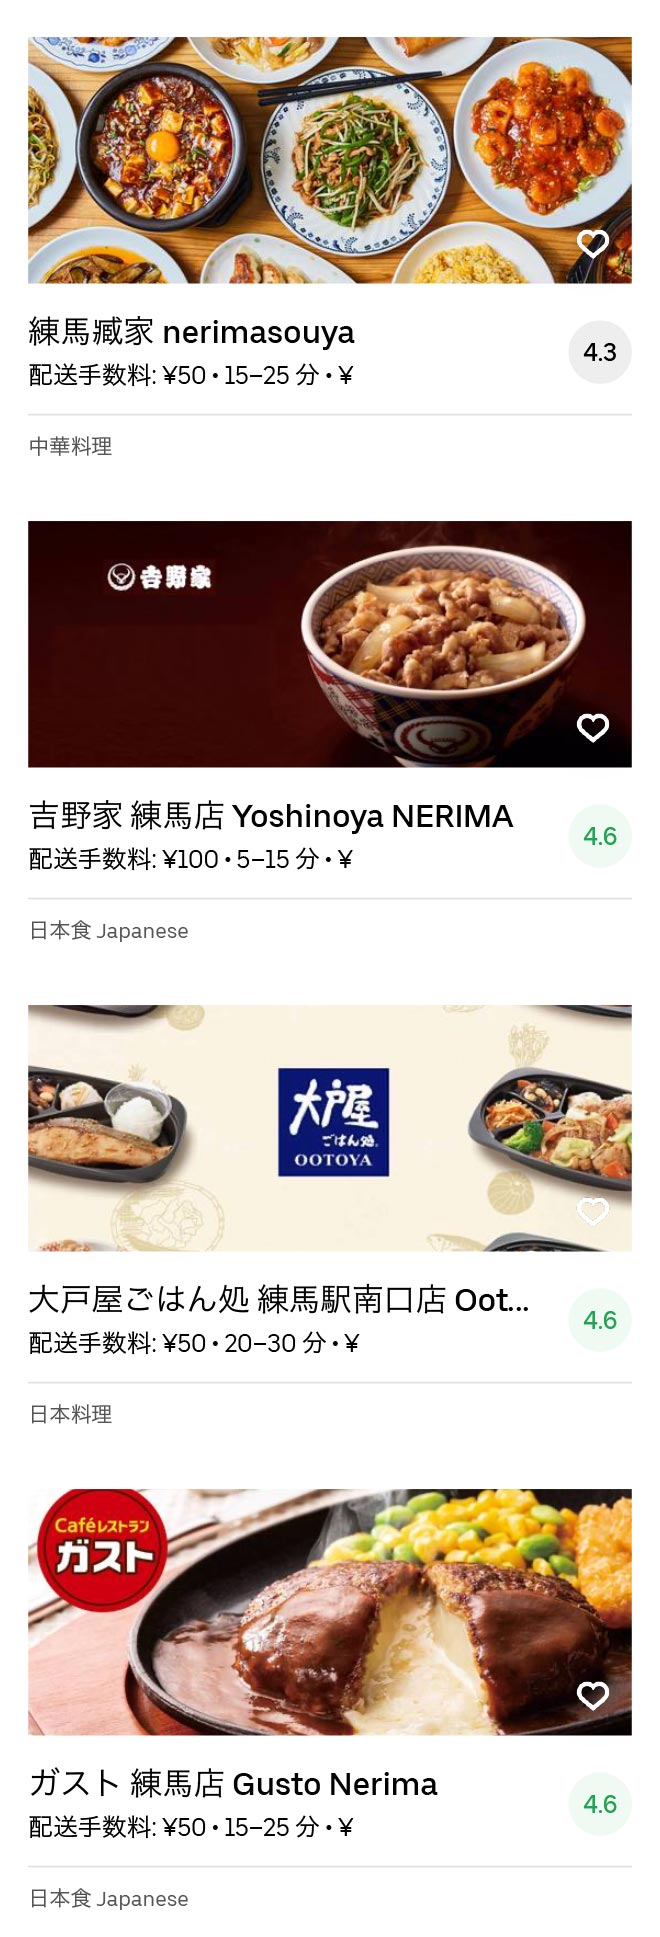 Tokyo nerima menu 2005 07